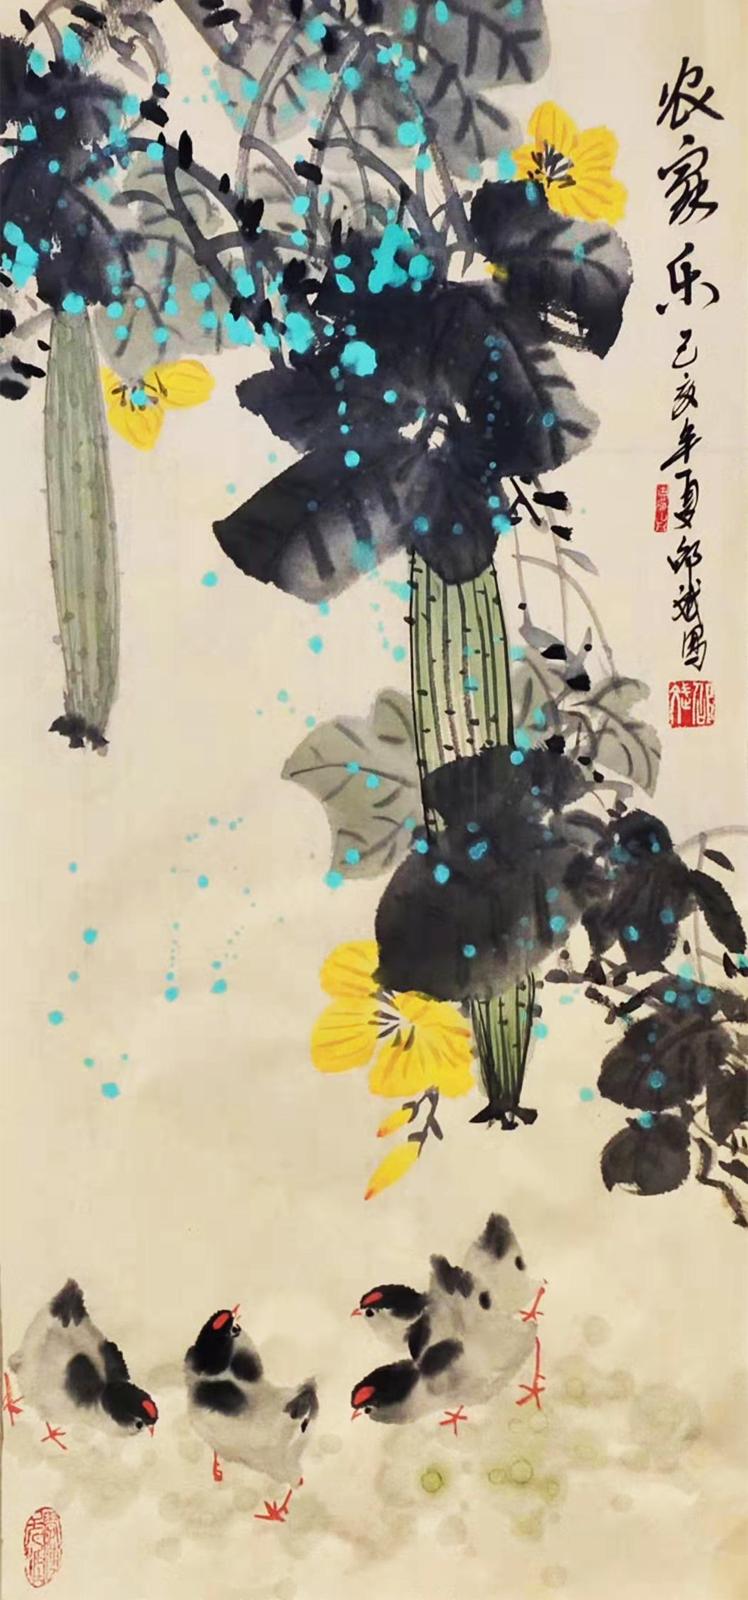 农家乐写意花鸟画 小鸡、丝瓜 条幅 己亥年夏